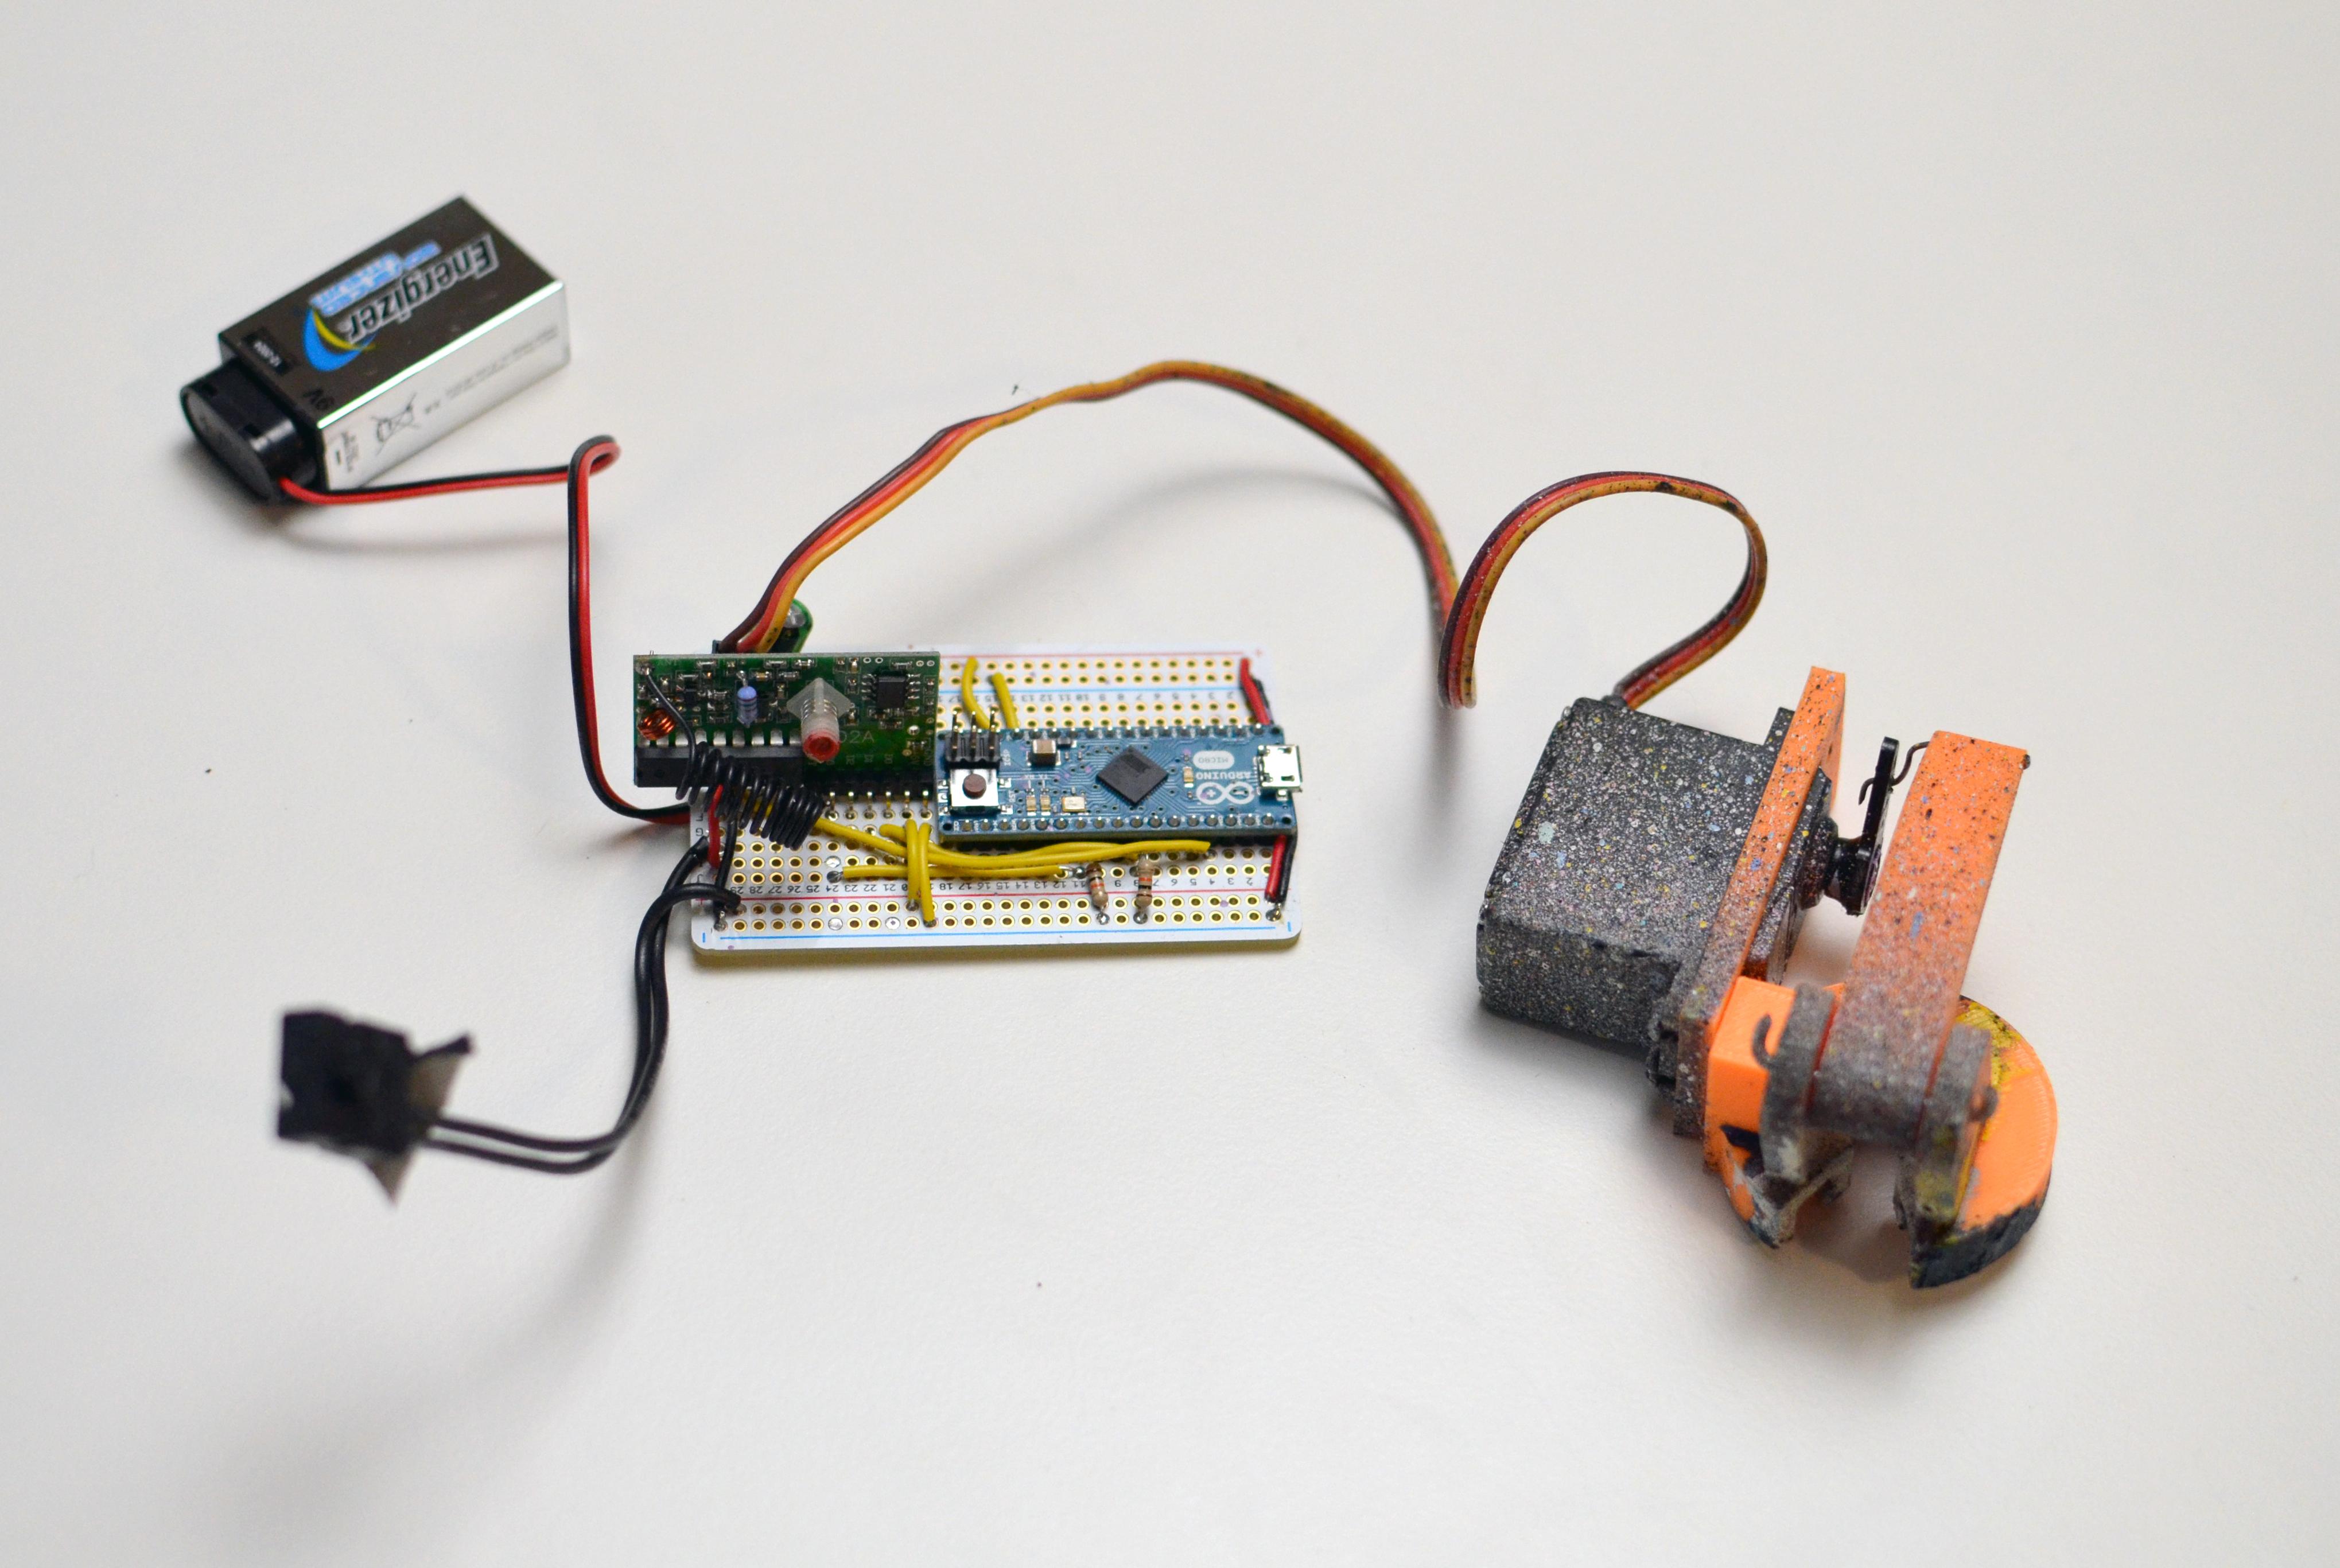 hacks_katsu-drone-paint-sprayer-02.jpg